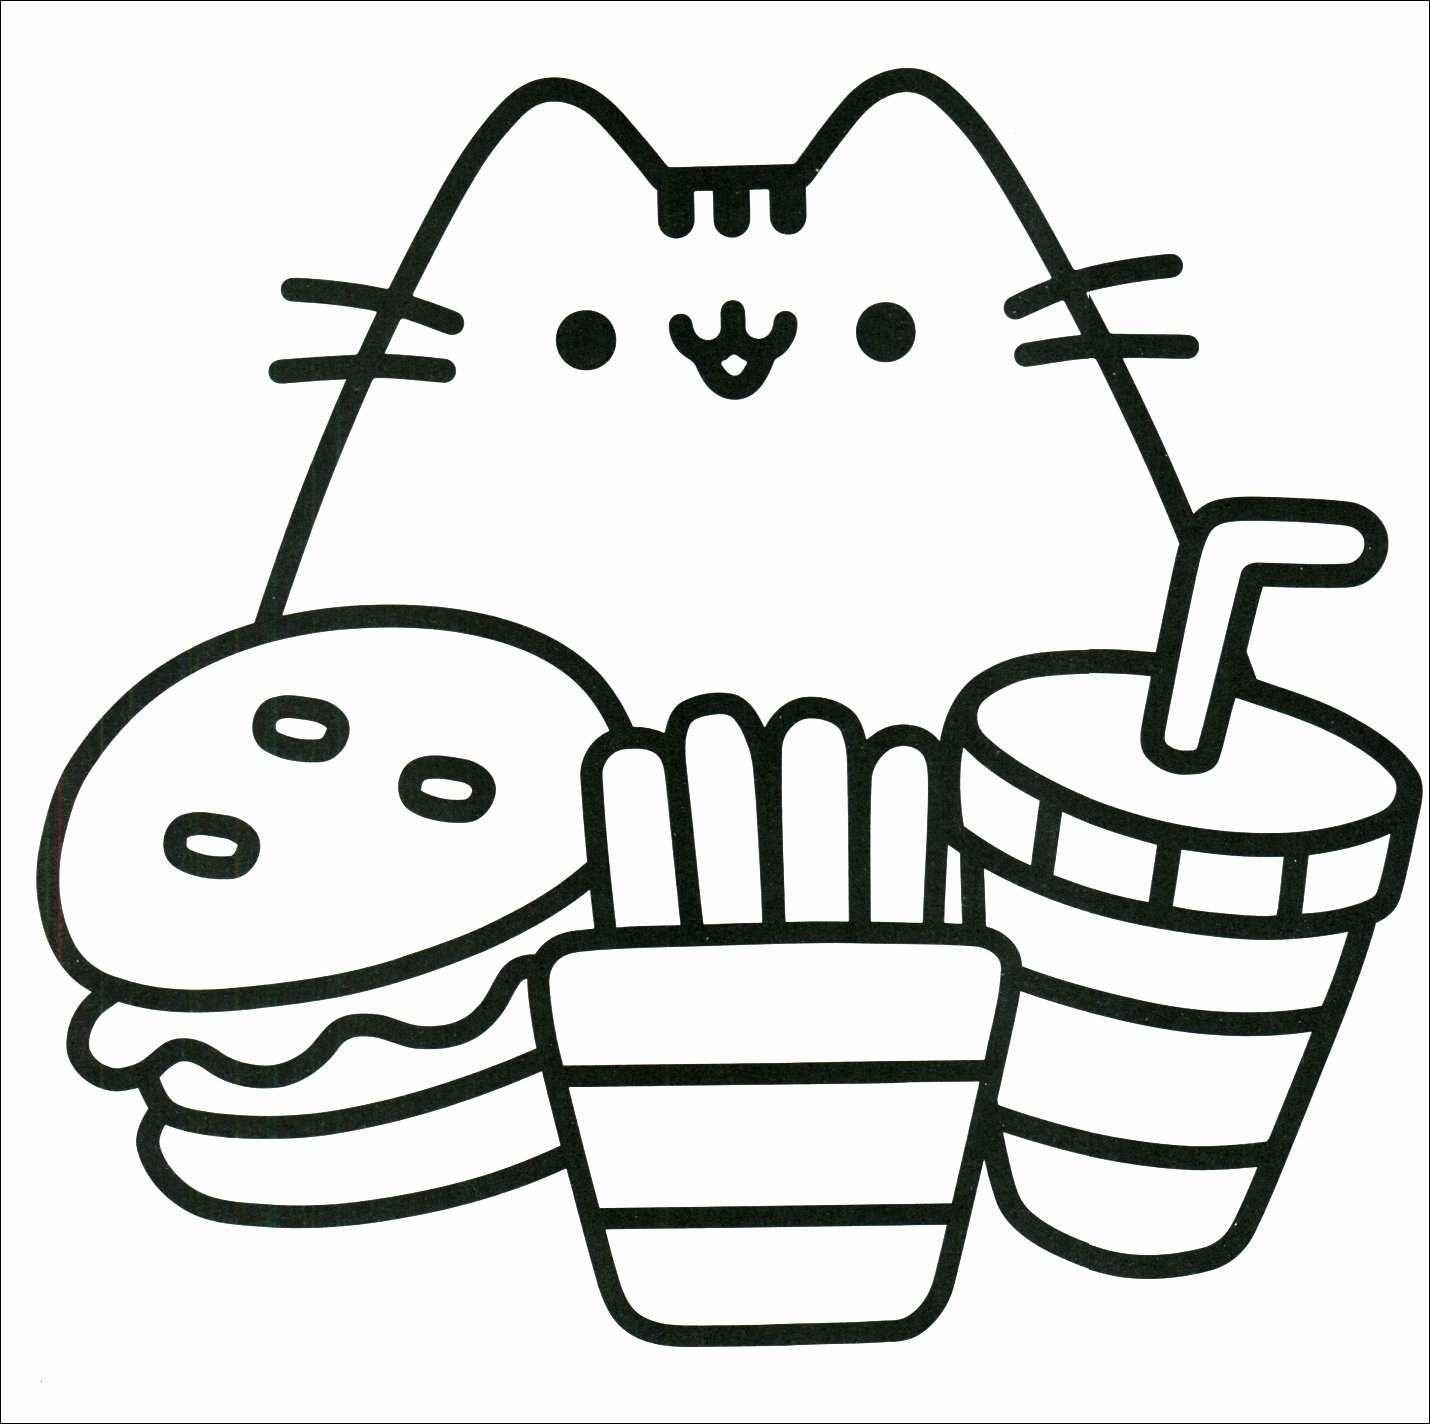 Hello Kitty Malvorlage Frisch Ausmalbilder Hello Kitty Meerjungfrau Bild Bayern Ausmalbilder Schön Das Bild